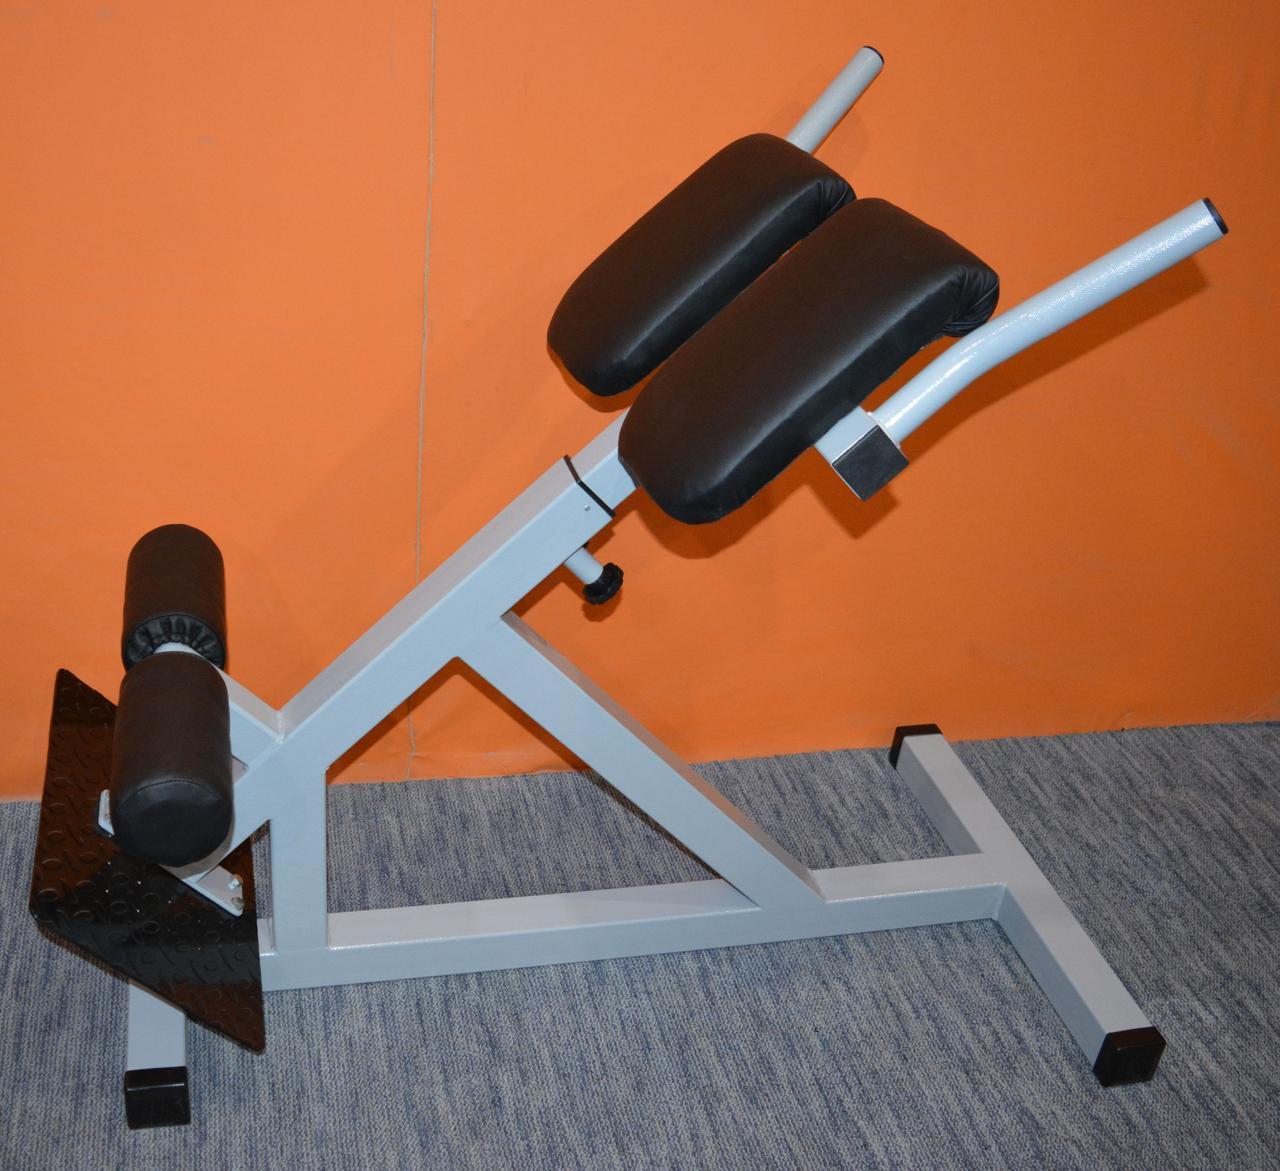 Гиперэкстензия тренажер регулируемый ( Тренажер для гиперэкстензии | римский стул ) до 200 кг.